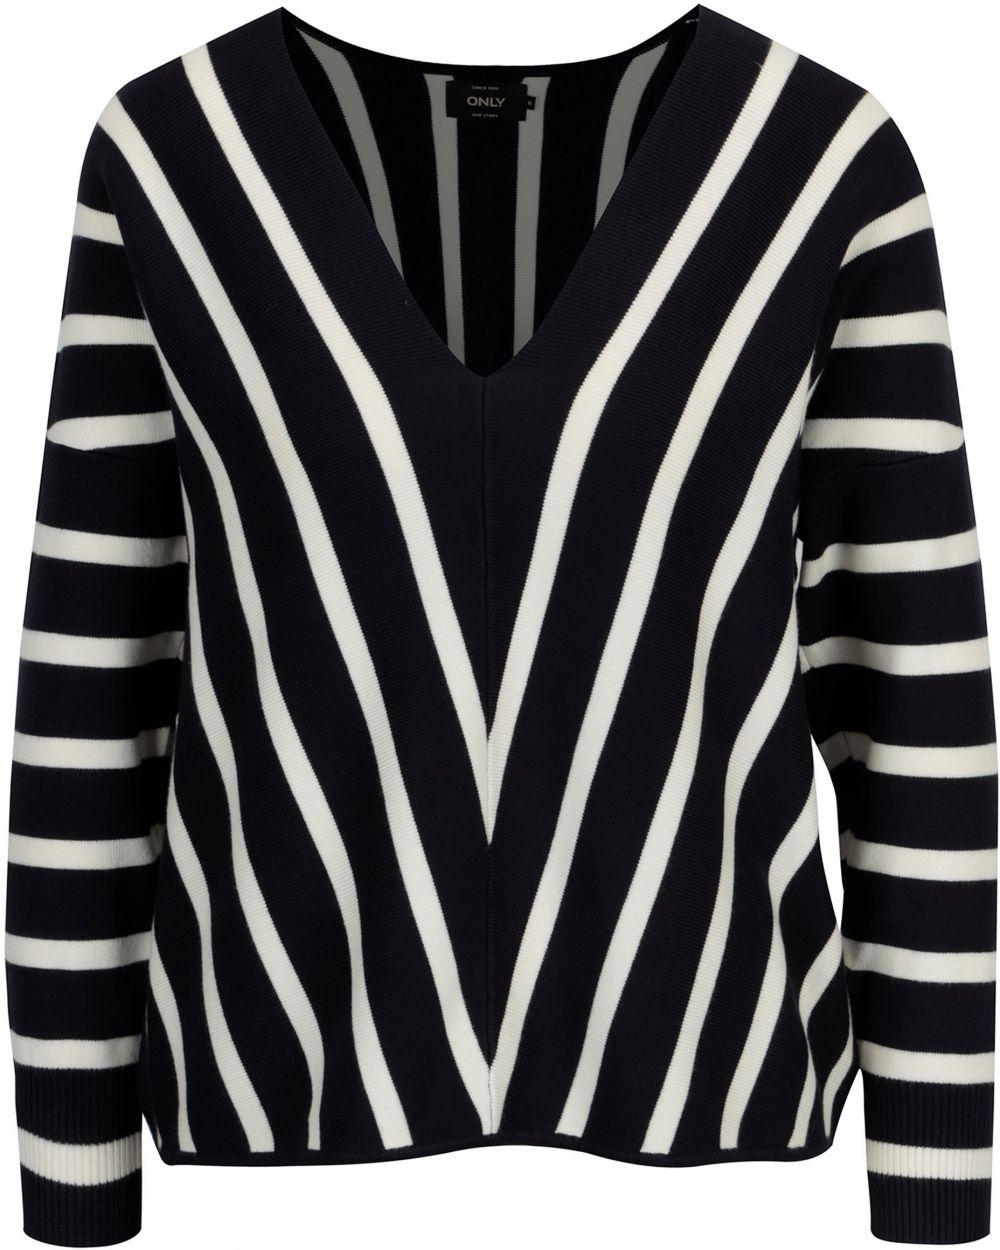 e048169db1f4 Tmavomodrý pruhovaný sveter s véčkovým výstrihom ONLY Aya značky ...